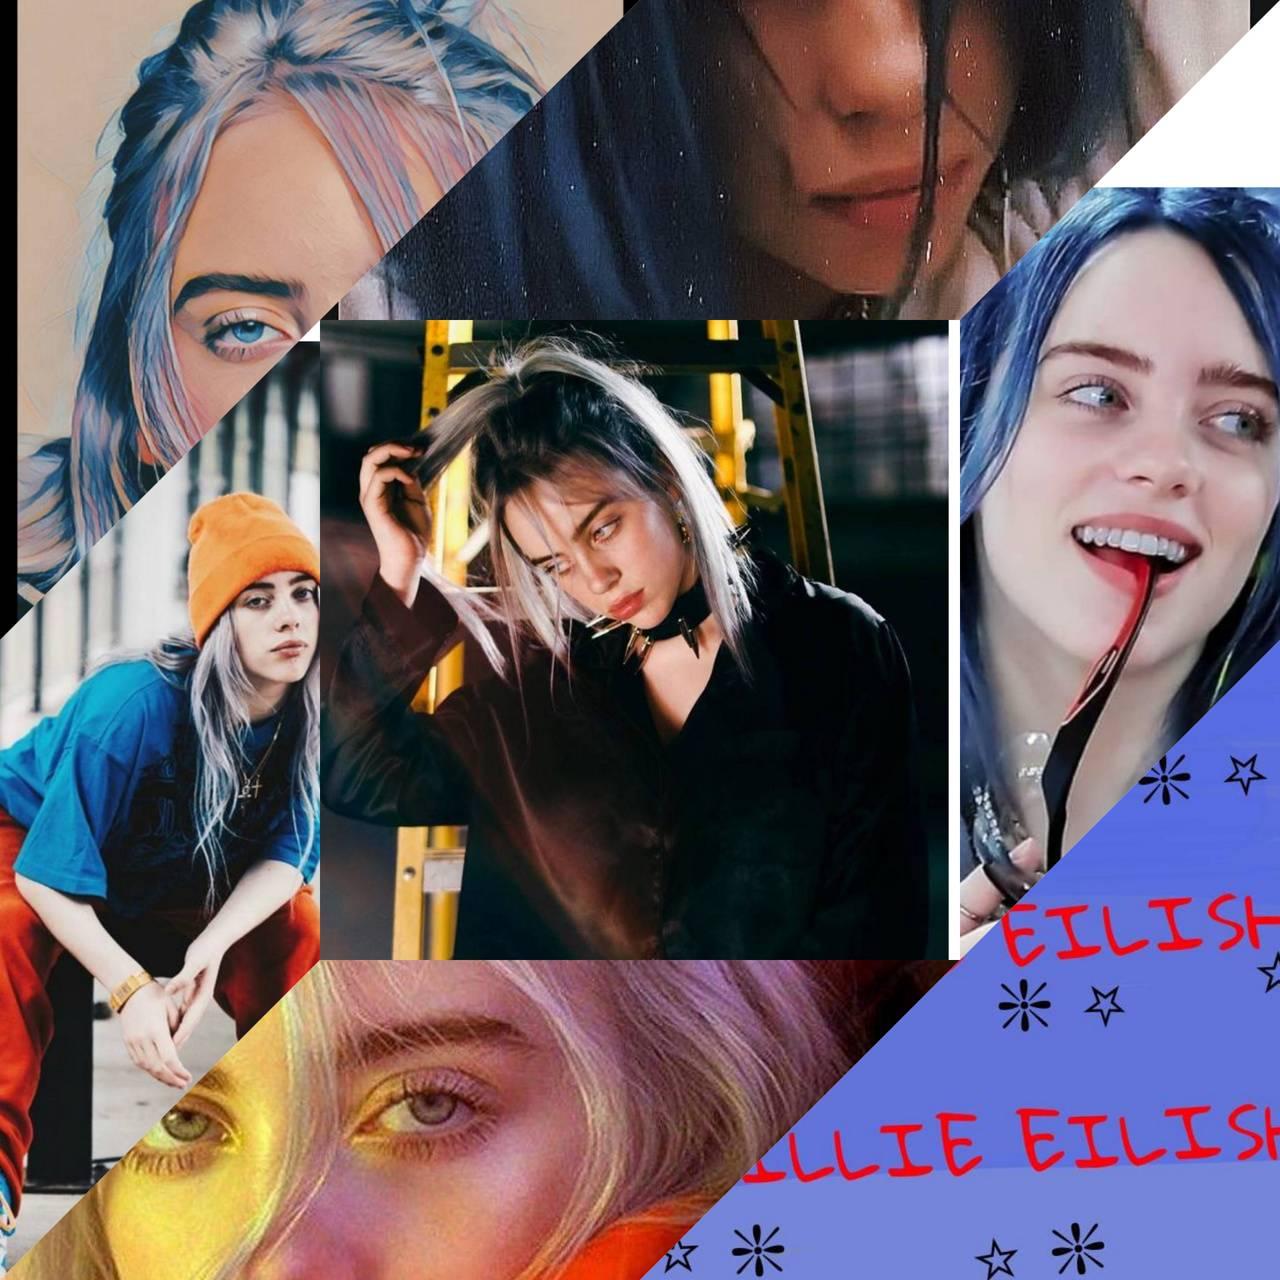 Billie eilsh